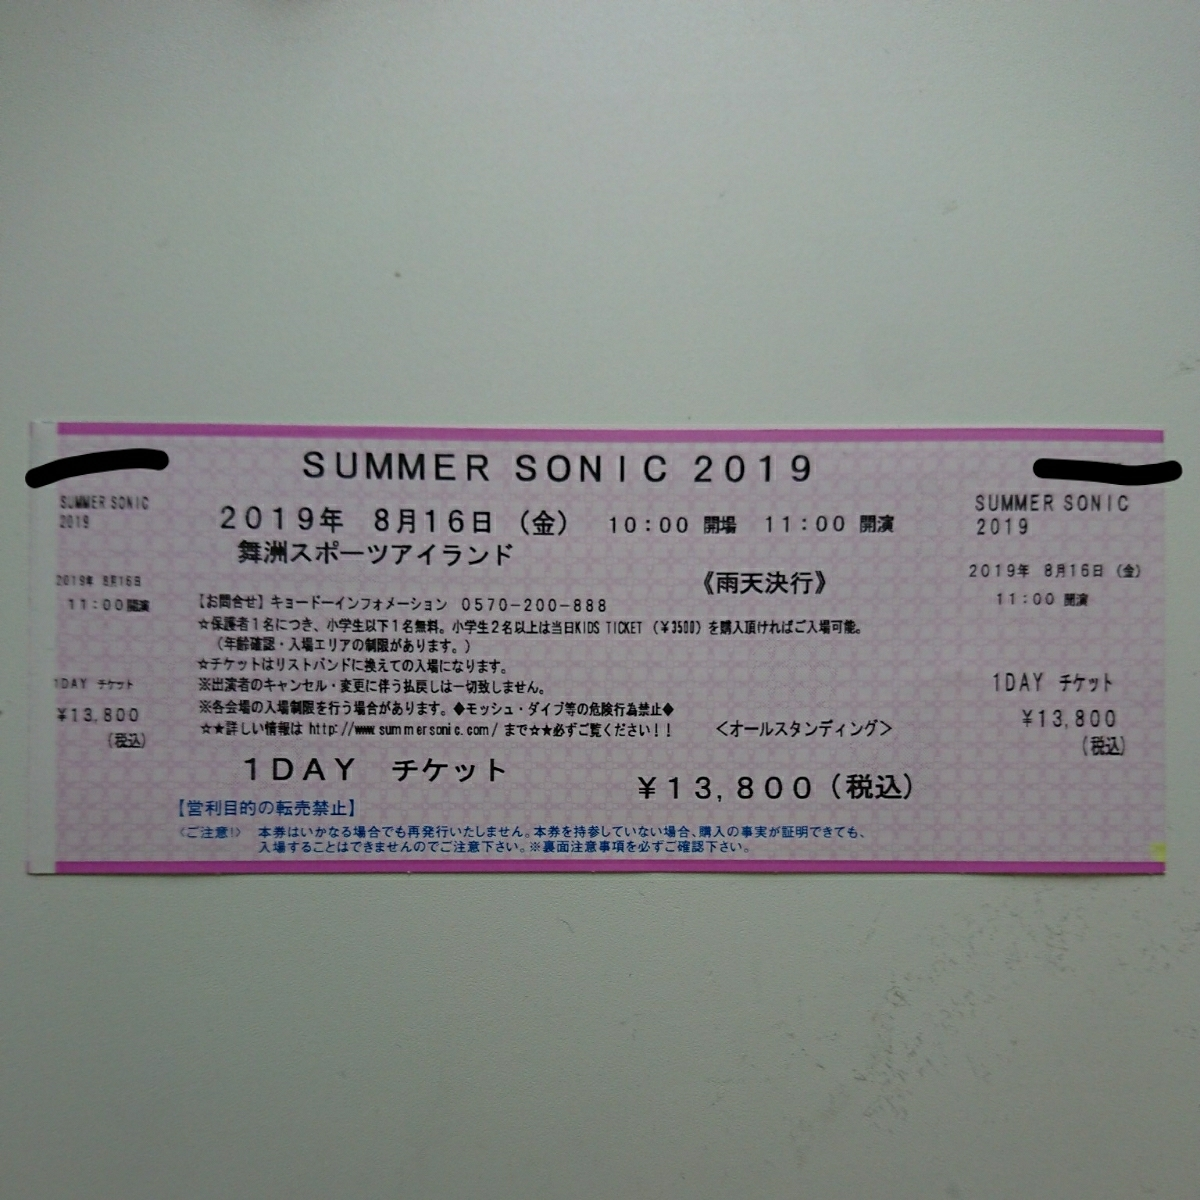 サマーソニック2019(SUMMER SONIC2019)大阪2019/8/16(金)1DAYチケット ①